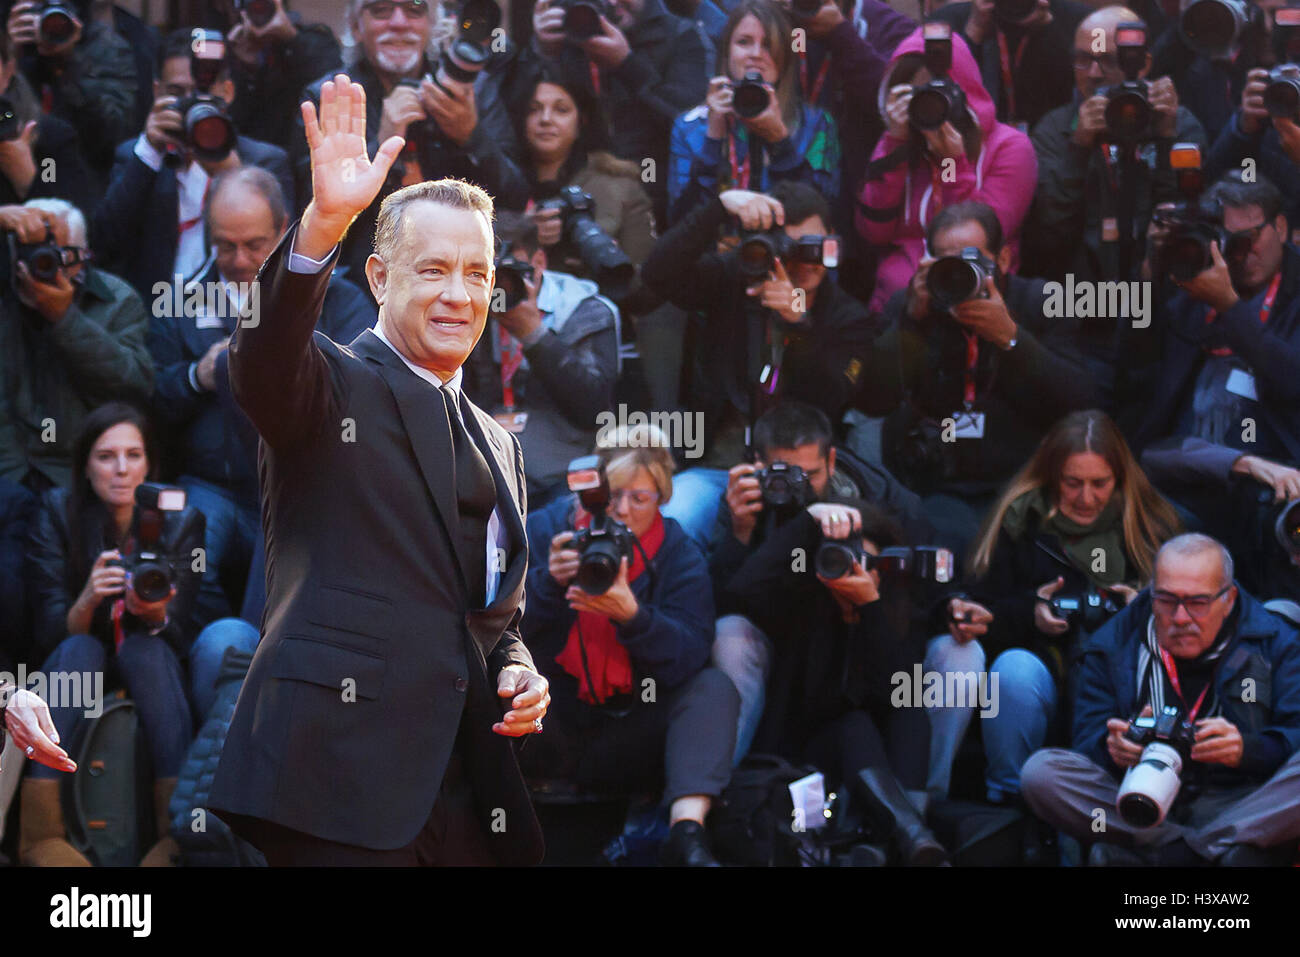 Roma, Italia. 13 ottobre, 2016. Tom Hanks sul tappeto rosso al xi festival del cinema di Roma saluta il pubblico. Immagini Stock